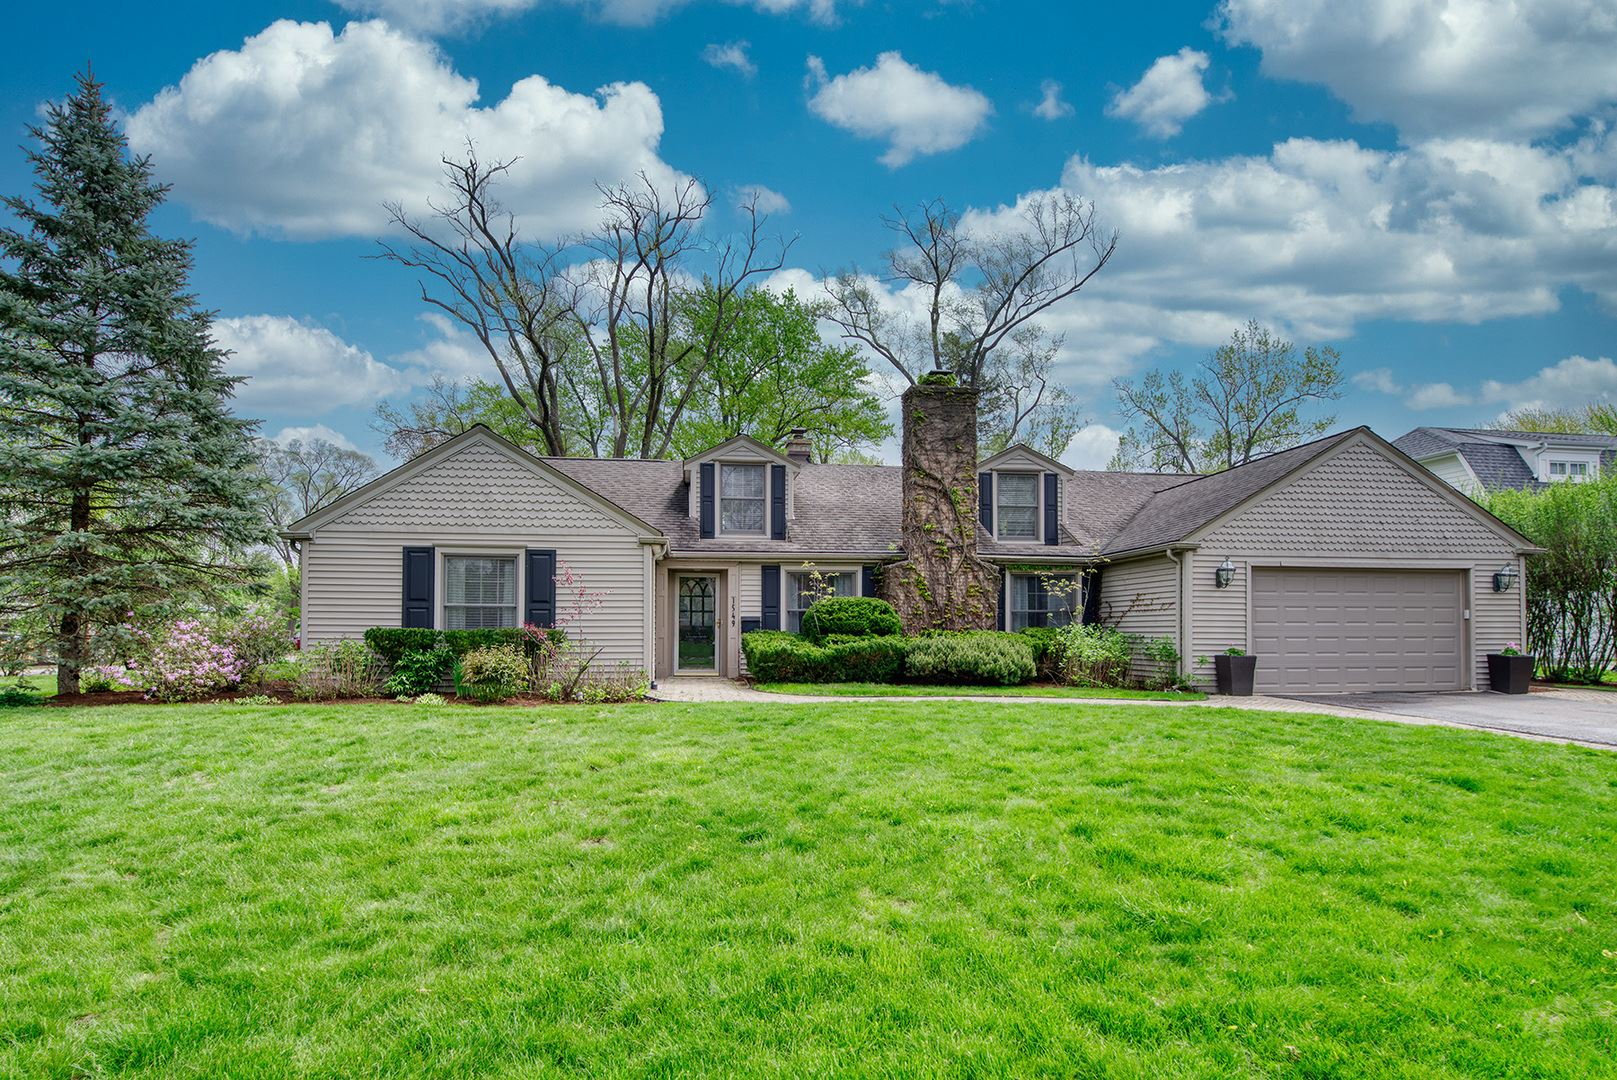 1549 Meadow Lane, Glenview, IL 60025 - #: 11146056